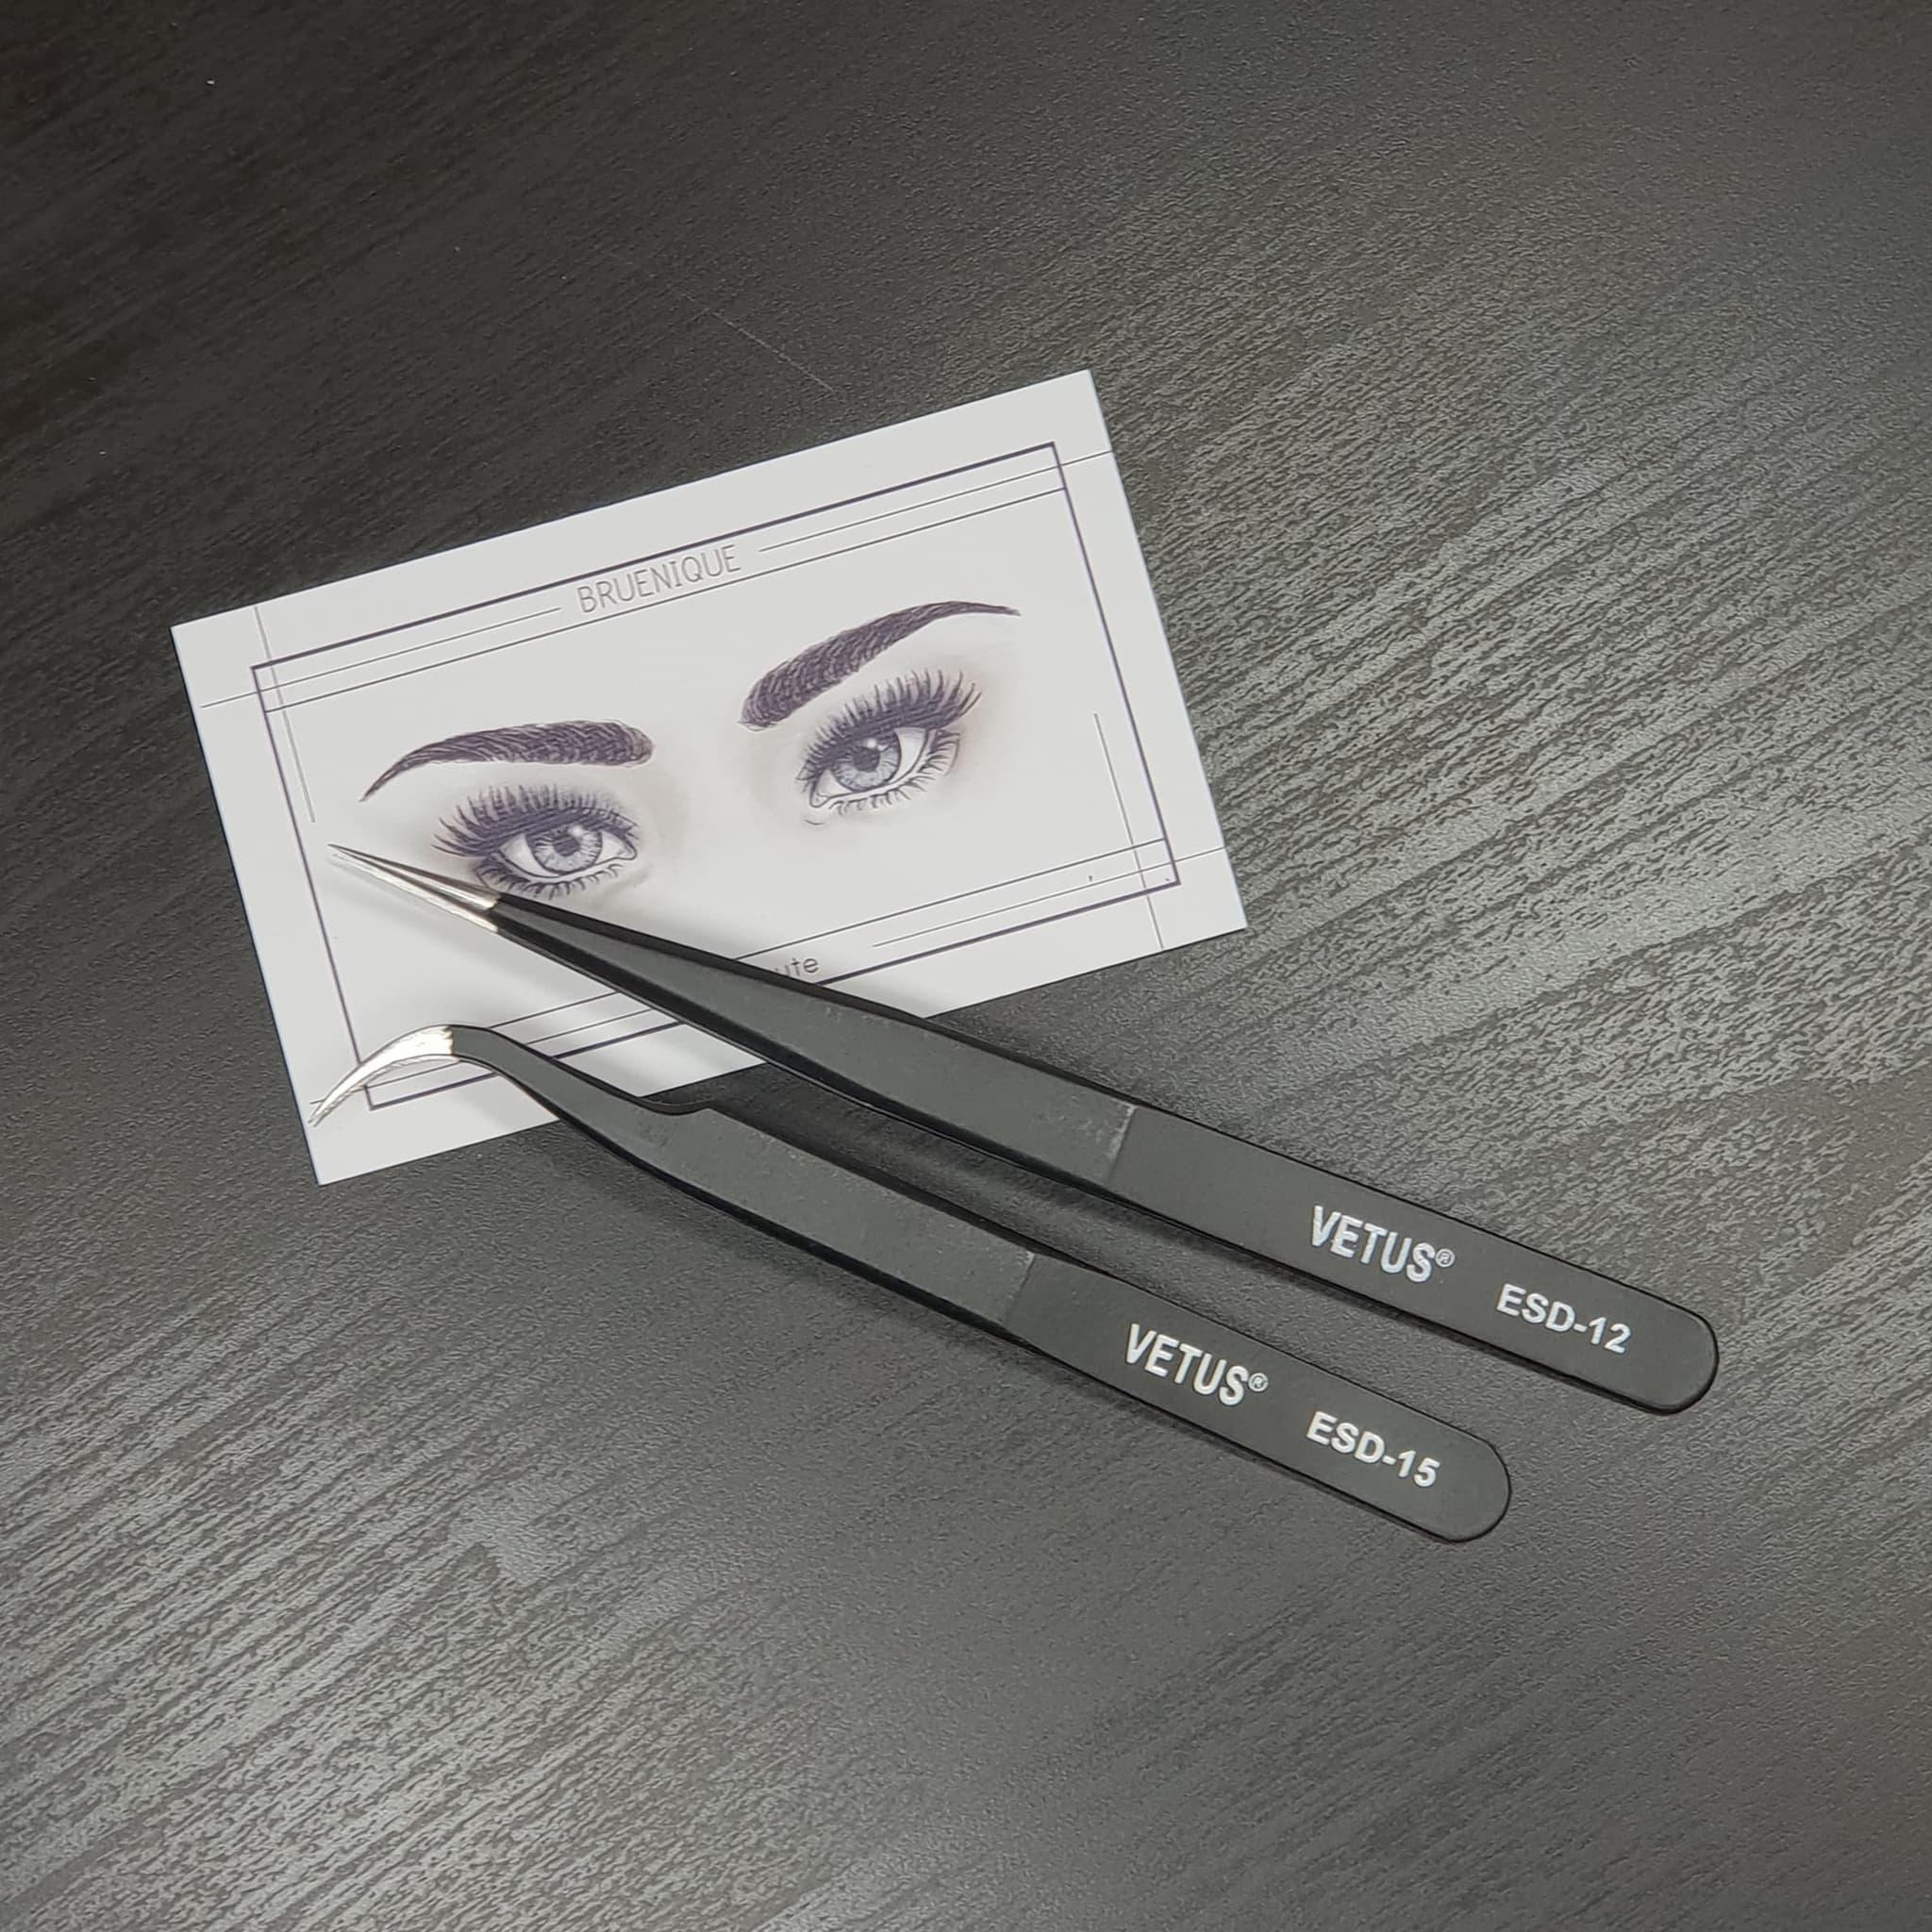 VETUS - ESD-12 & ESD-15 - pinset tweezer eyelash extension thumbnail